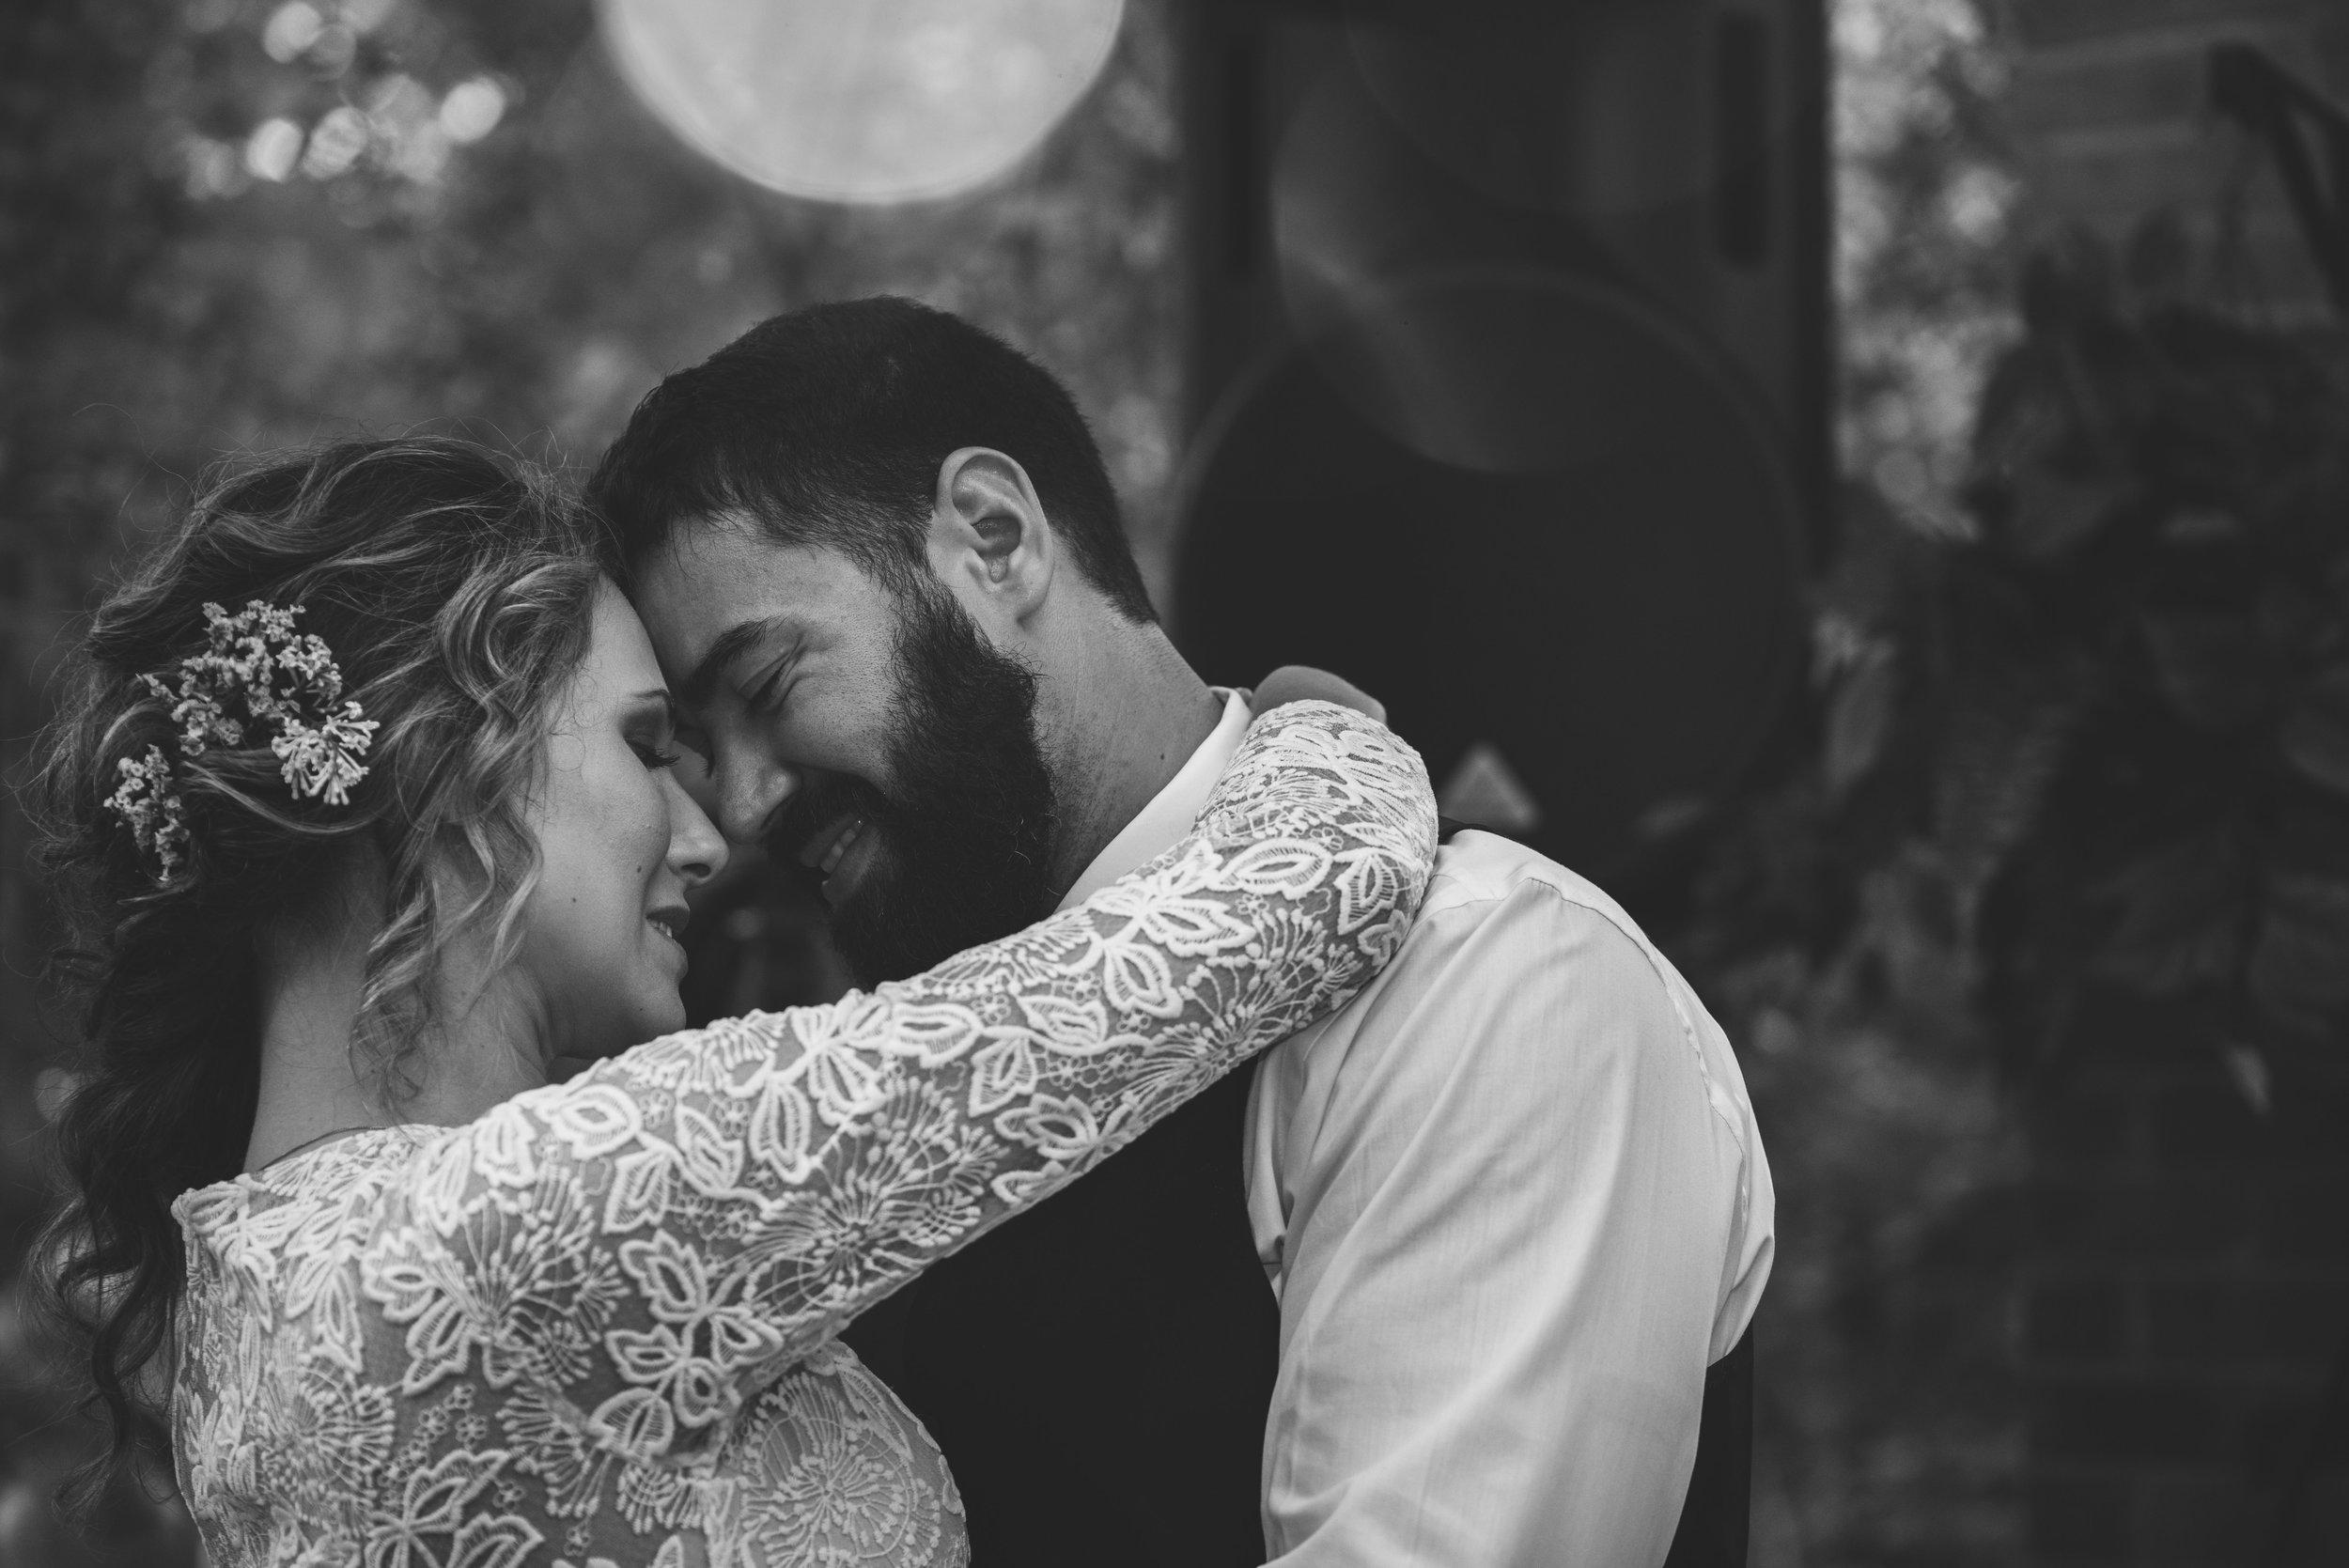 toledo ohio wedding wildwood-59.jpg